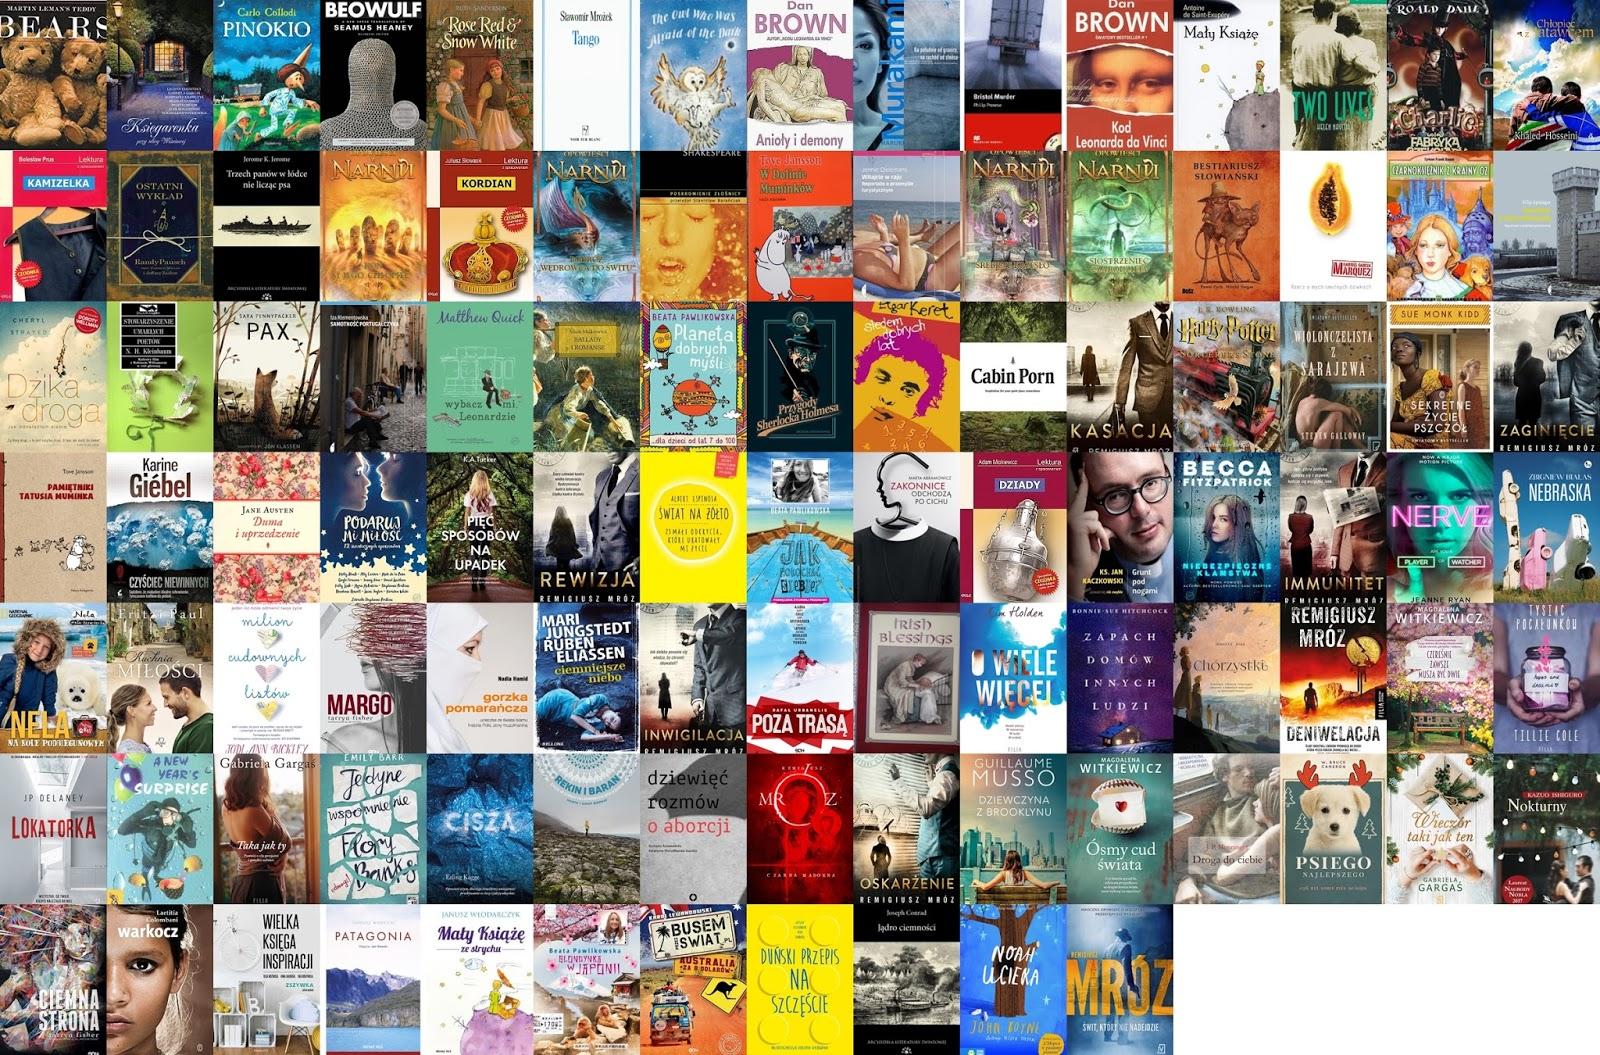 podsumowanie roku, przeczytane książki, 2017 rok, ponad sto przeczytanych książek